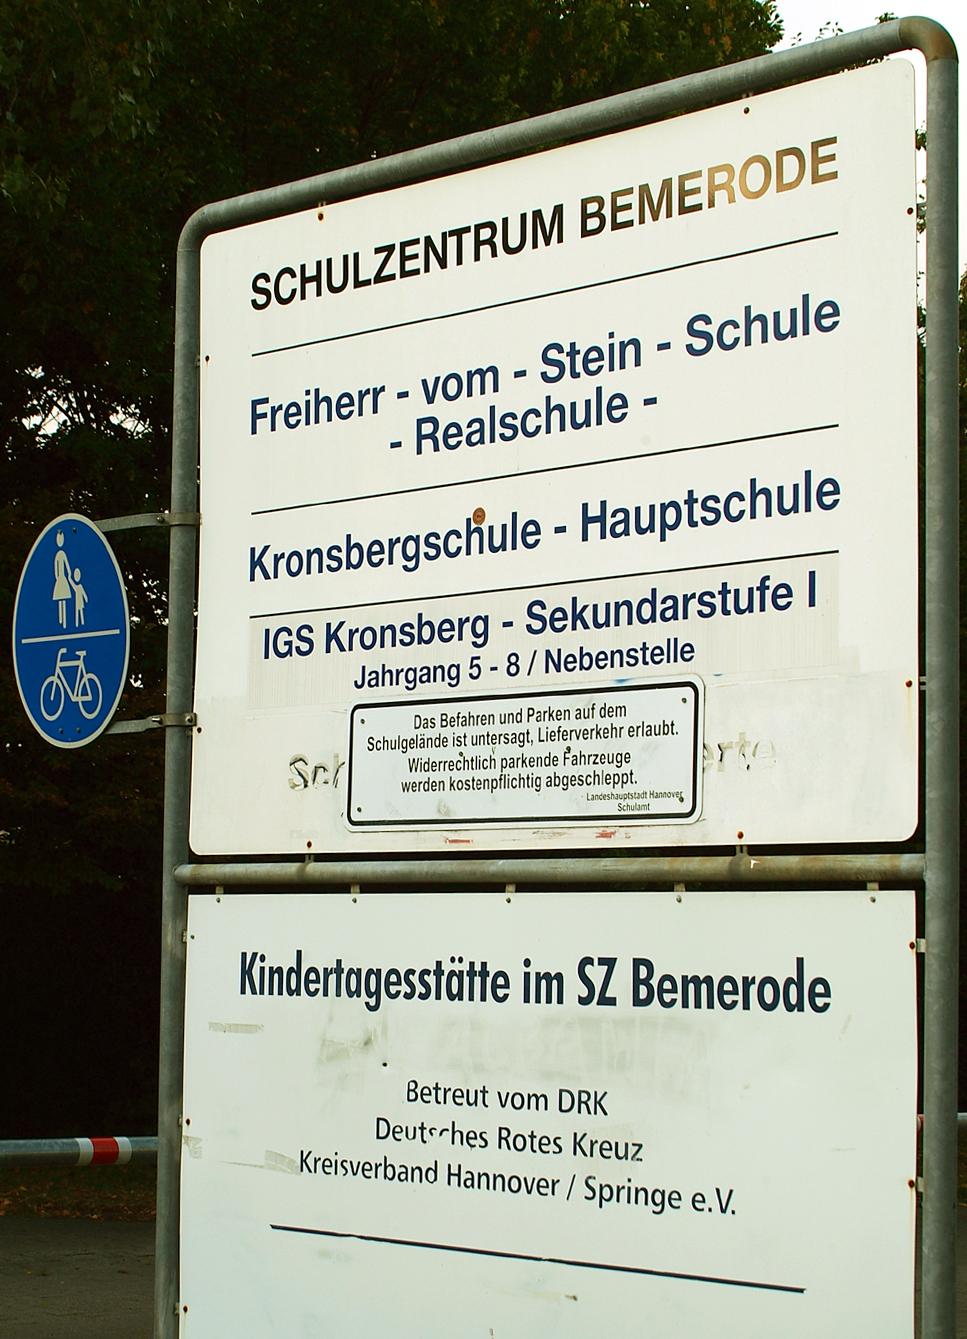 FileSchulzentrum Bemerode Freiherr Vom Stein Schule